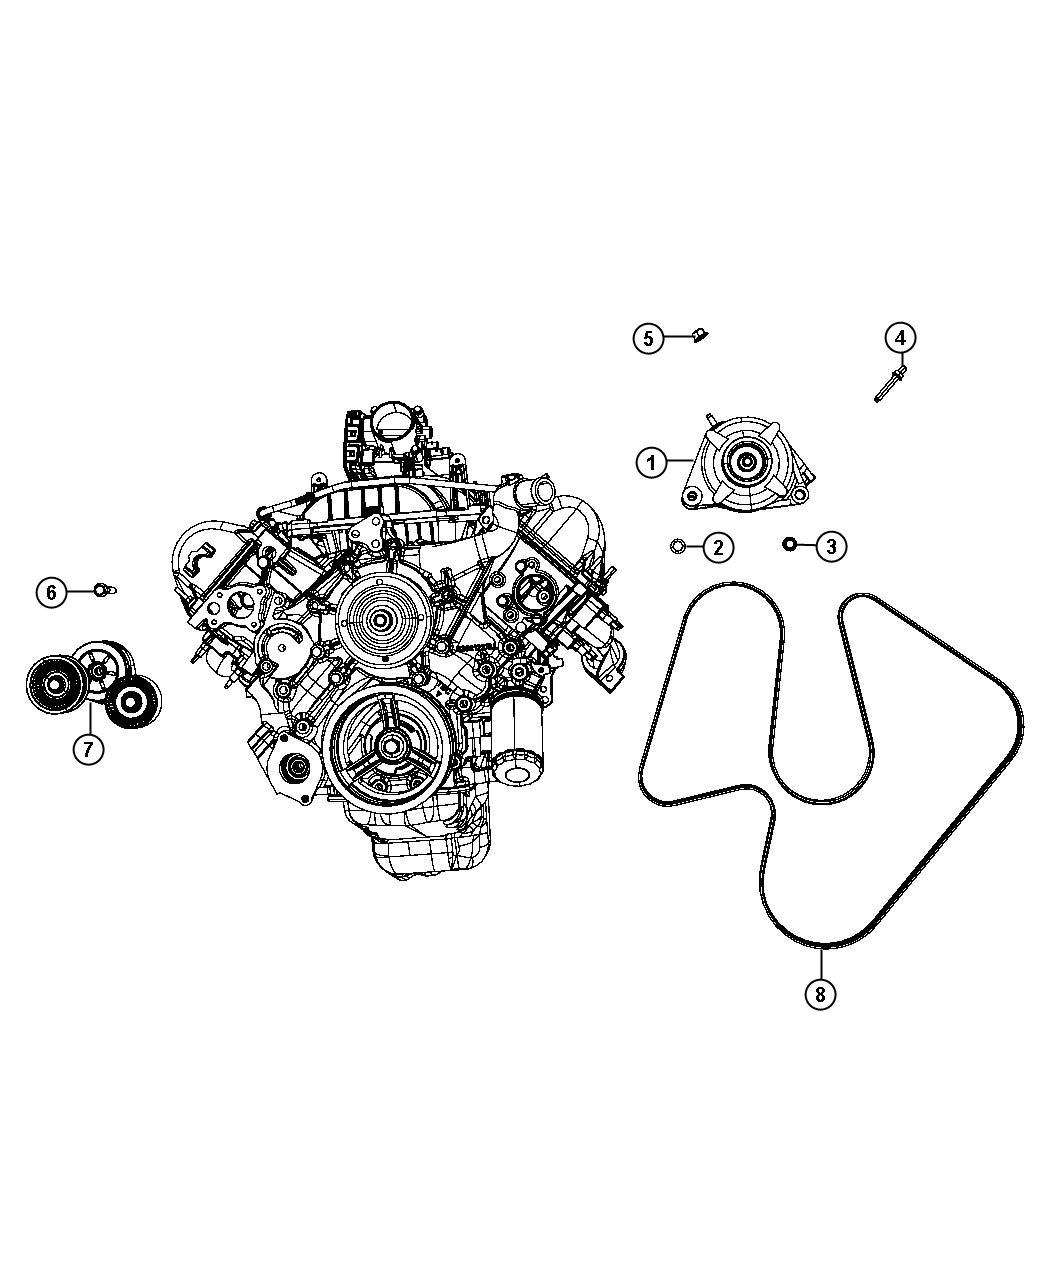 Dodge Avenger Tensioner  Belt   3 7l V6 Engine   Pulleys  Alternator  Related